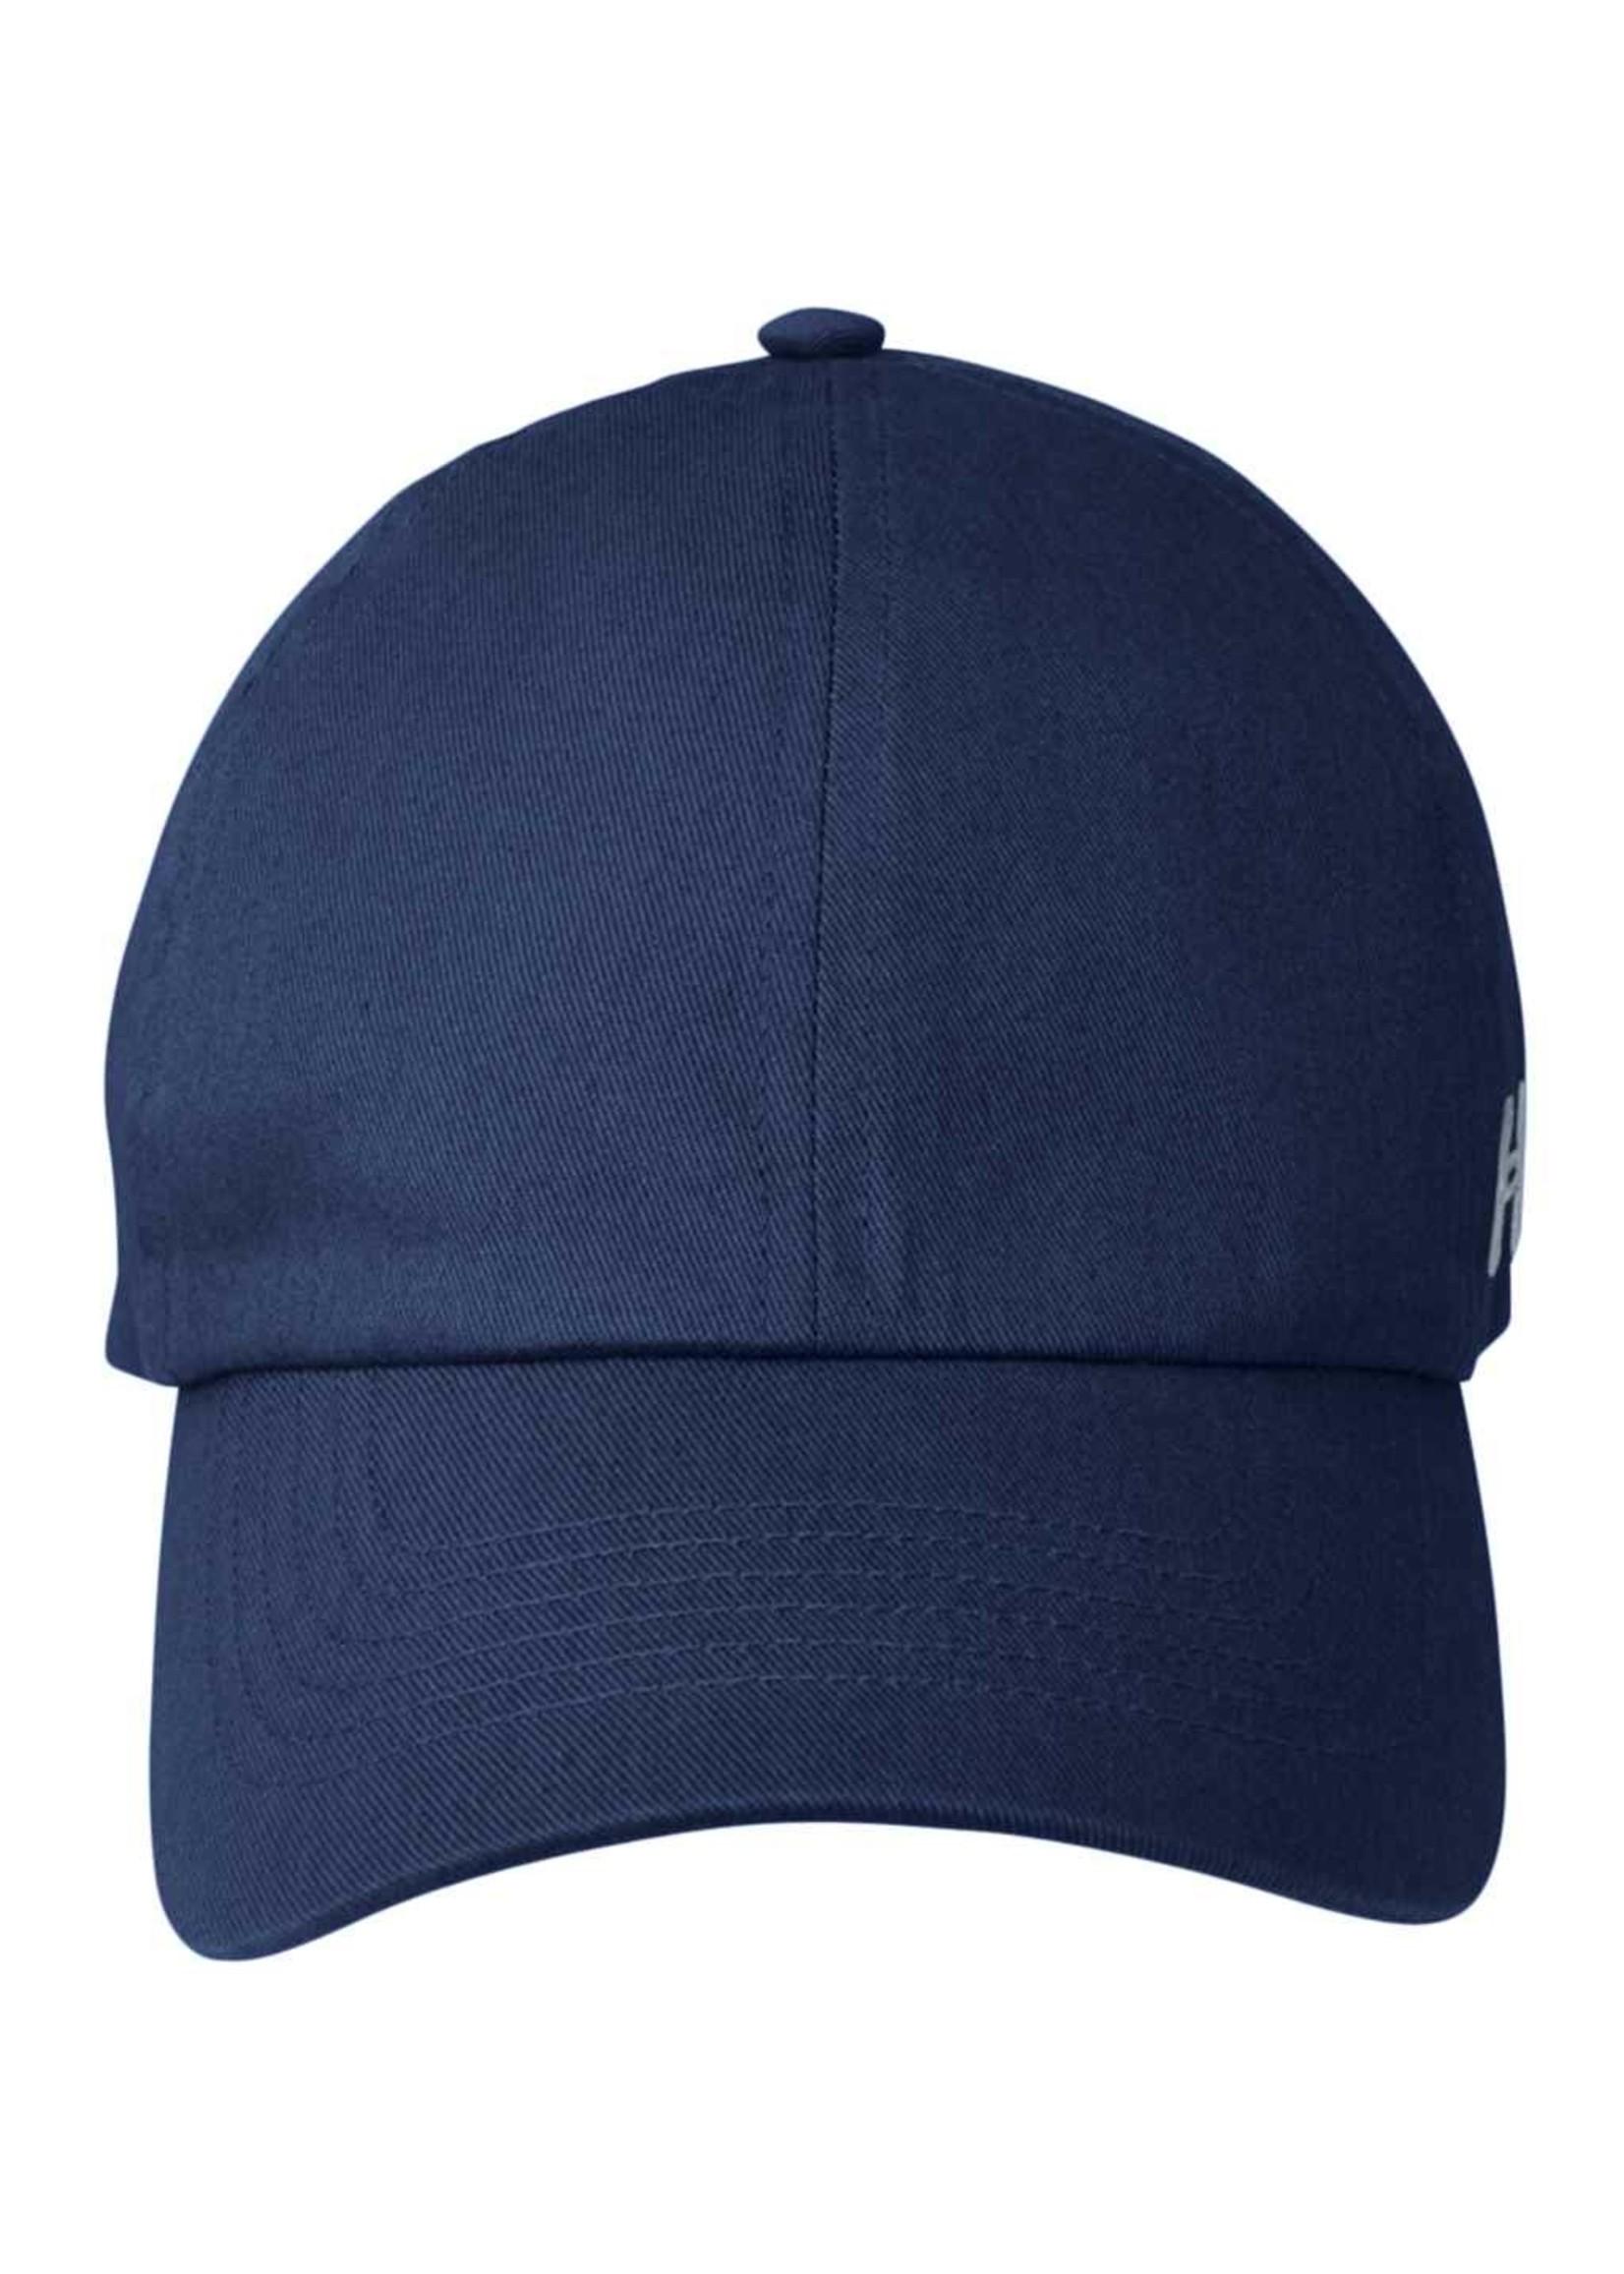 Under Armour TEAM ARMOUR CAP 1295126